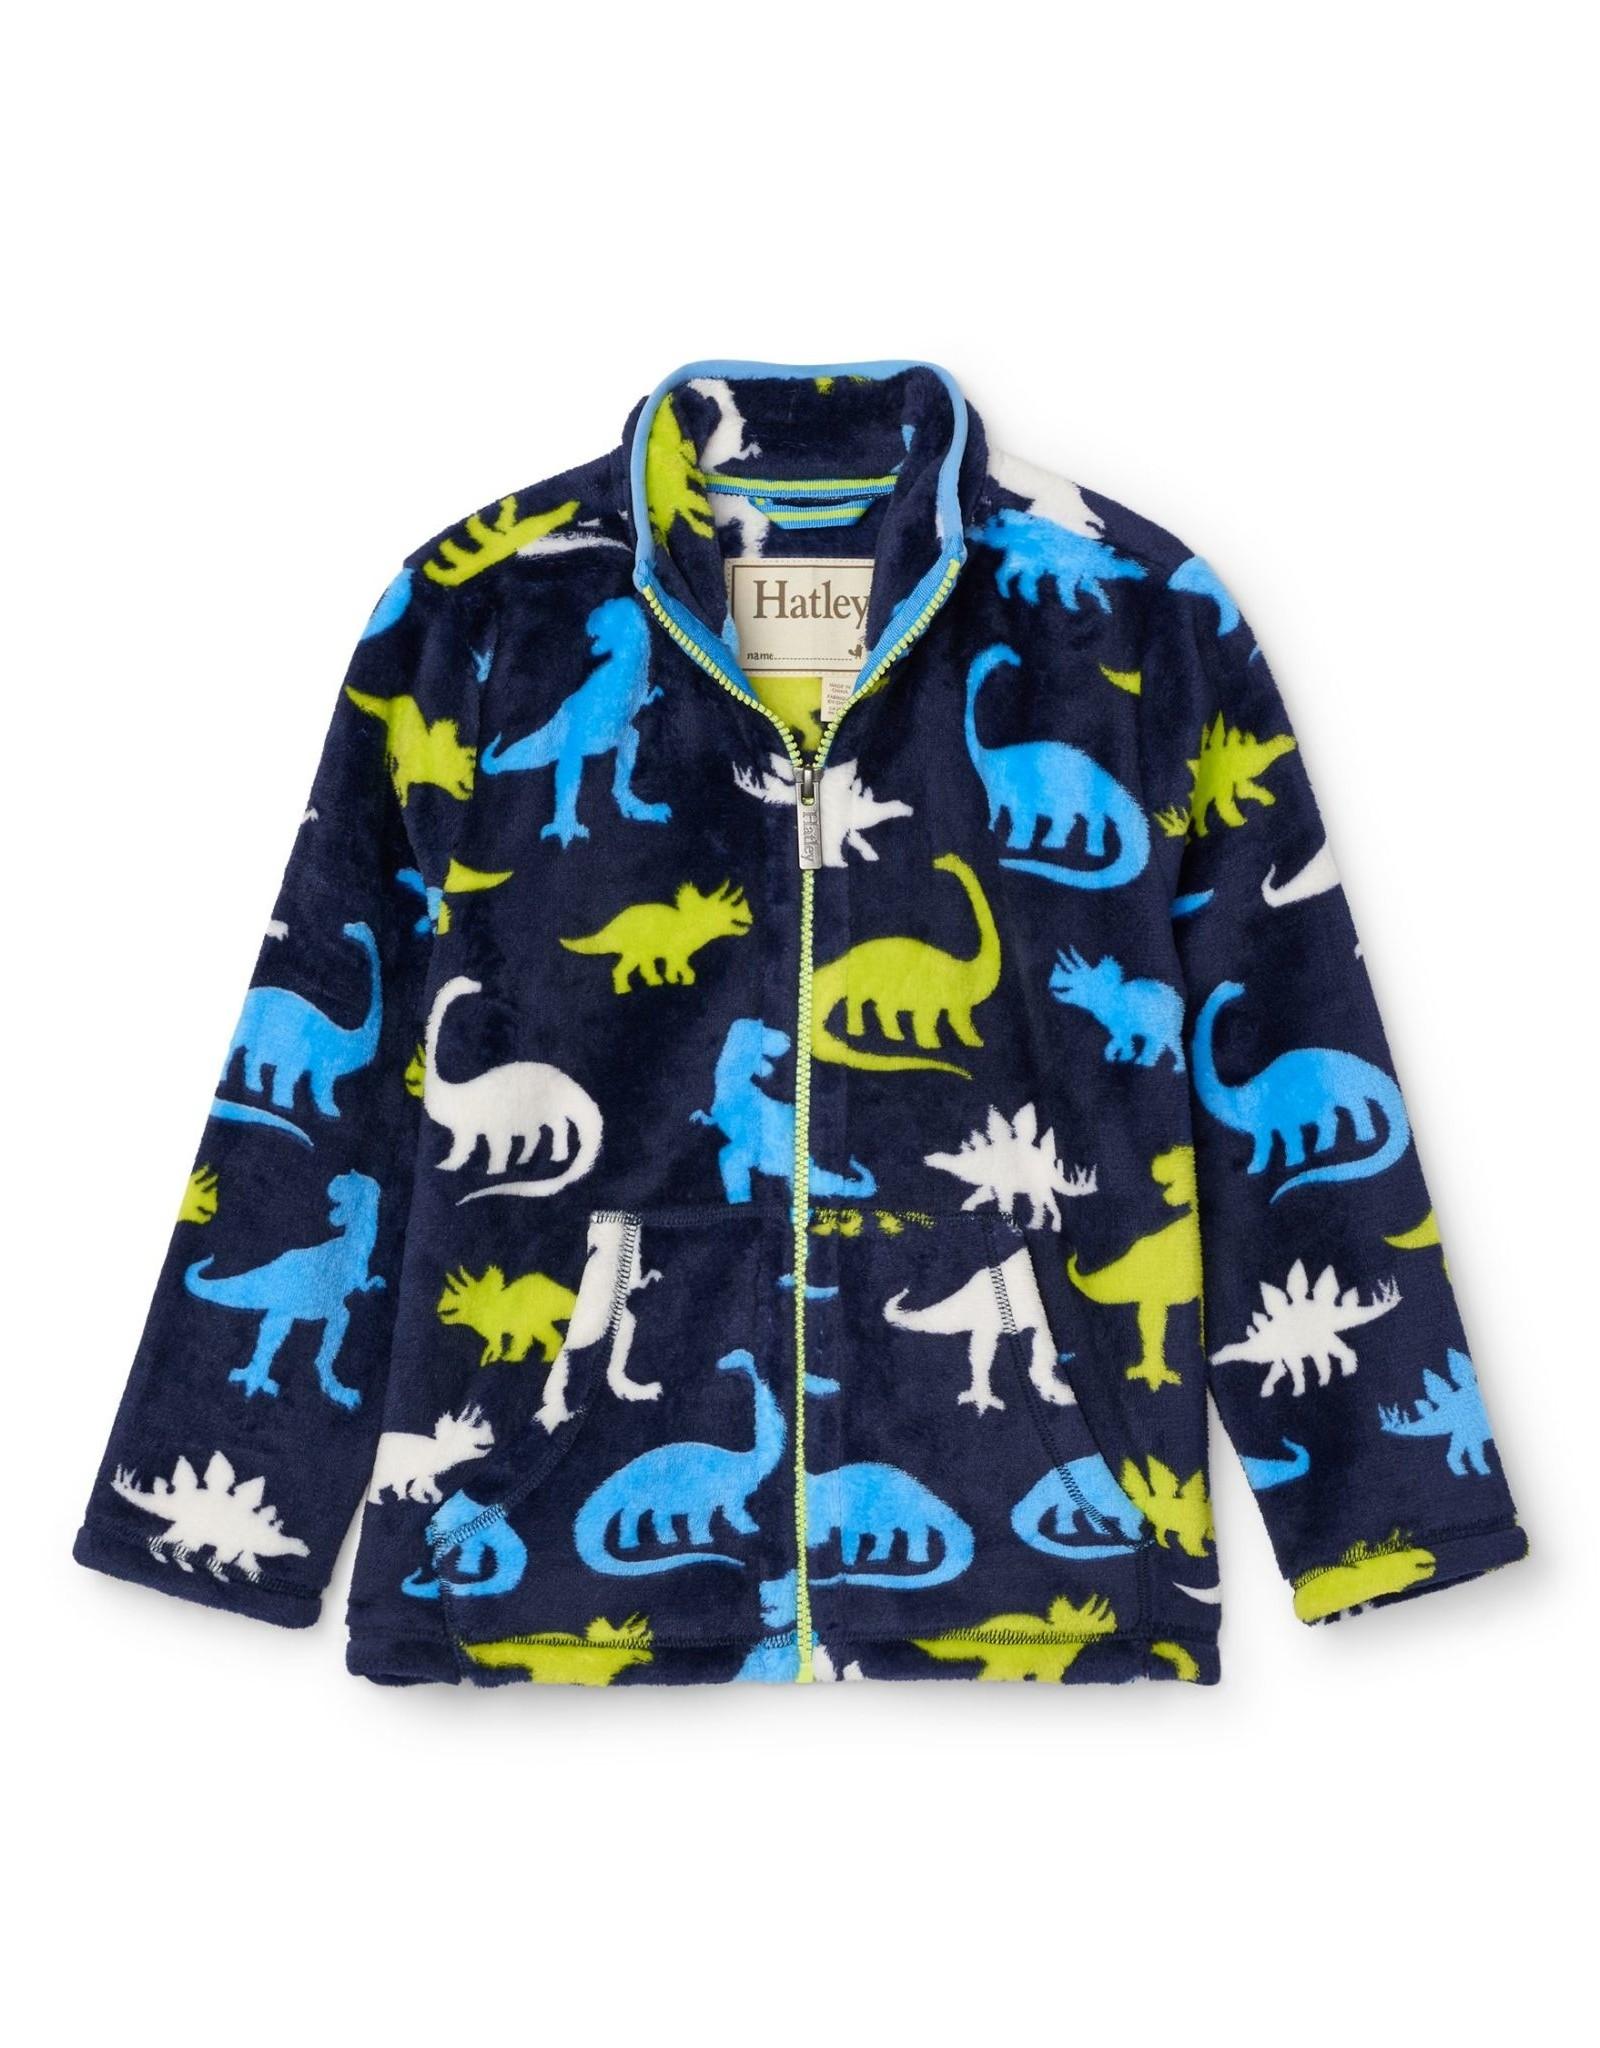 Hatley Silhouette Dinos Fuzzy Fleece Zip Up